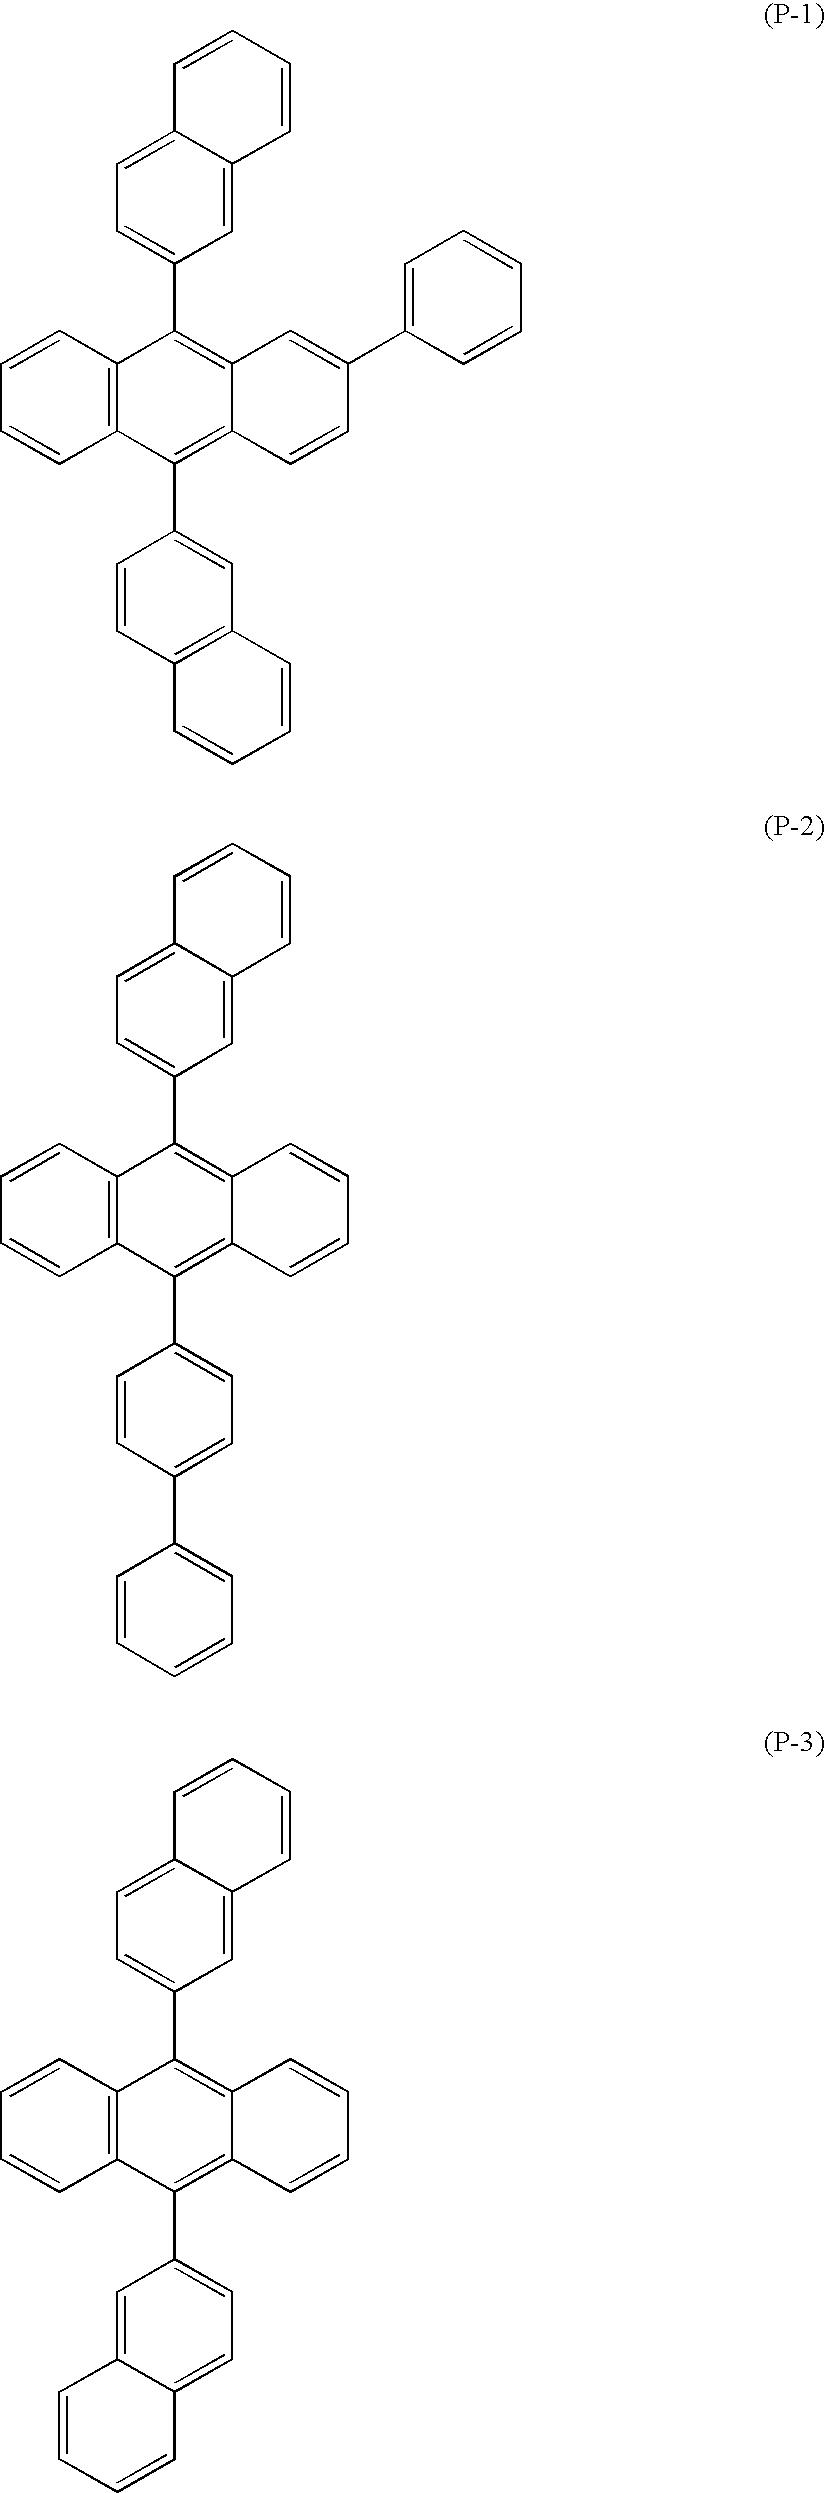 Figure US07968215-20110628-C00069